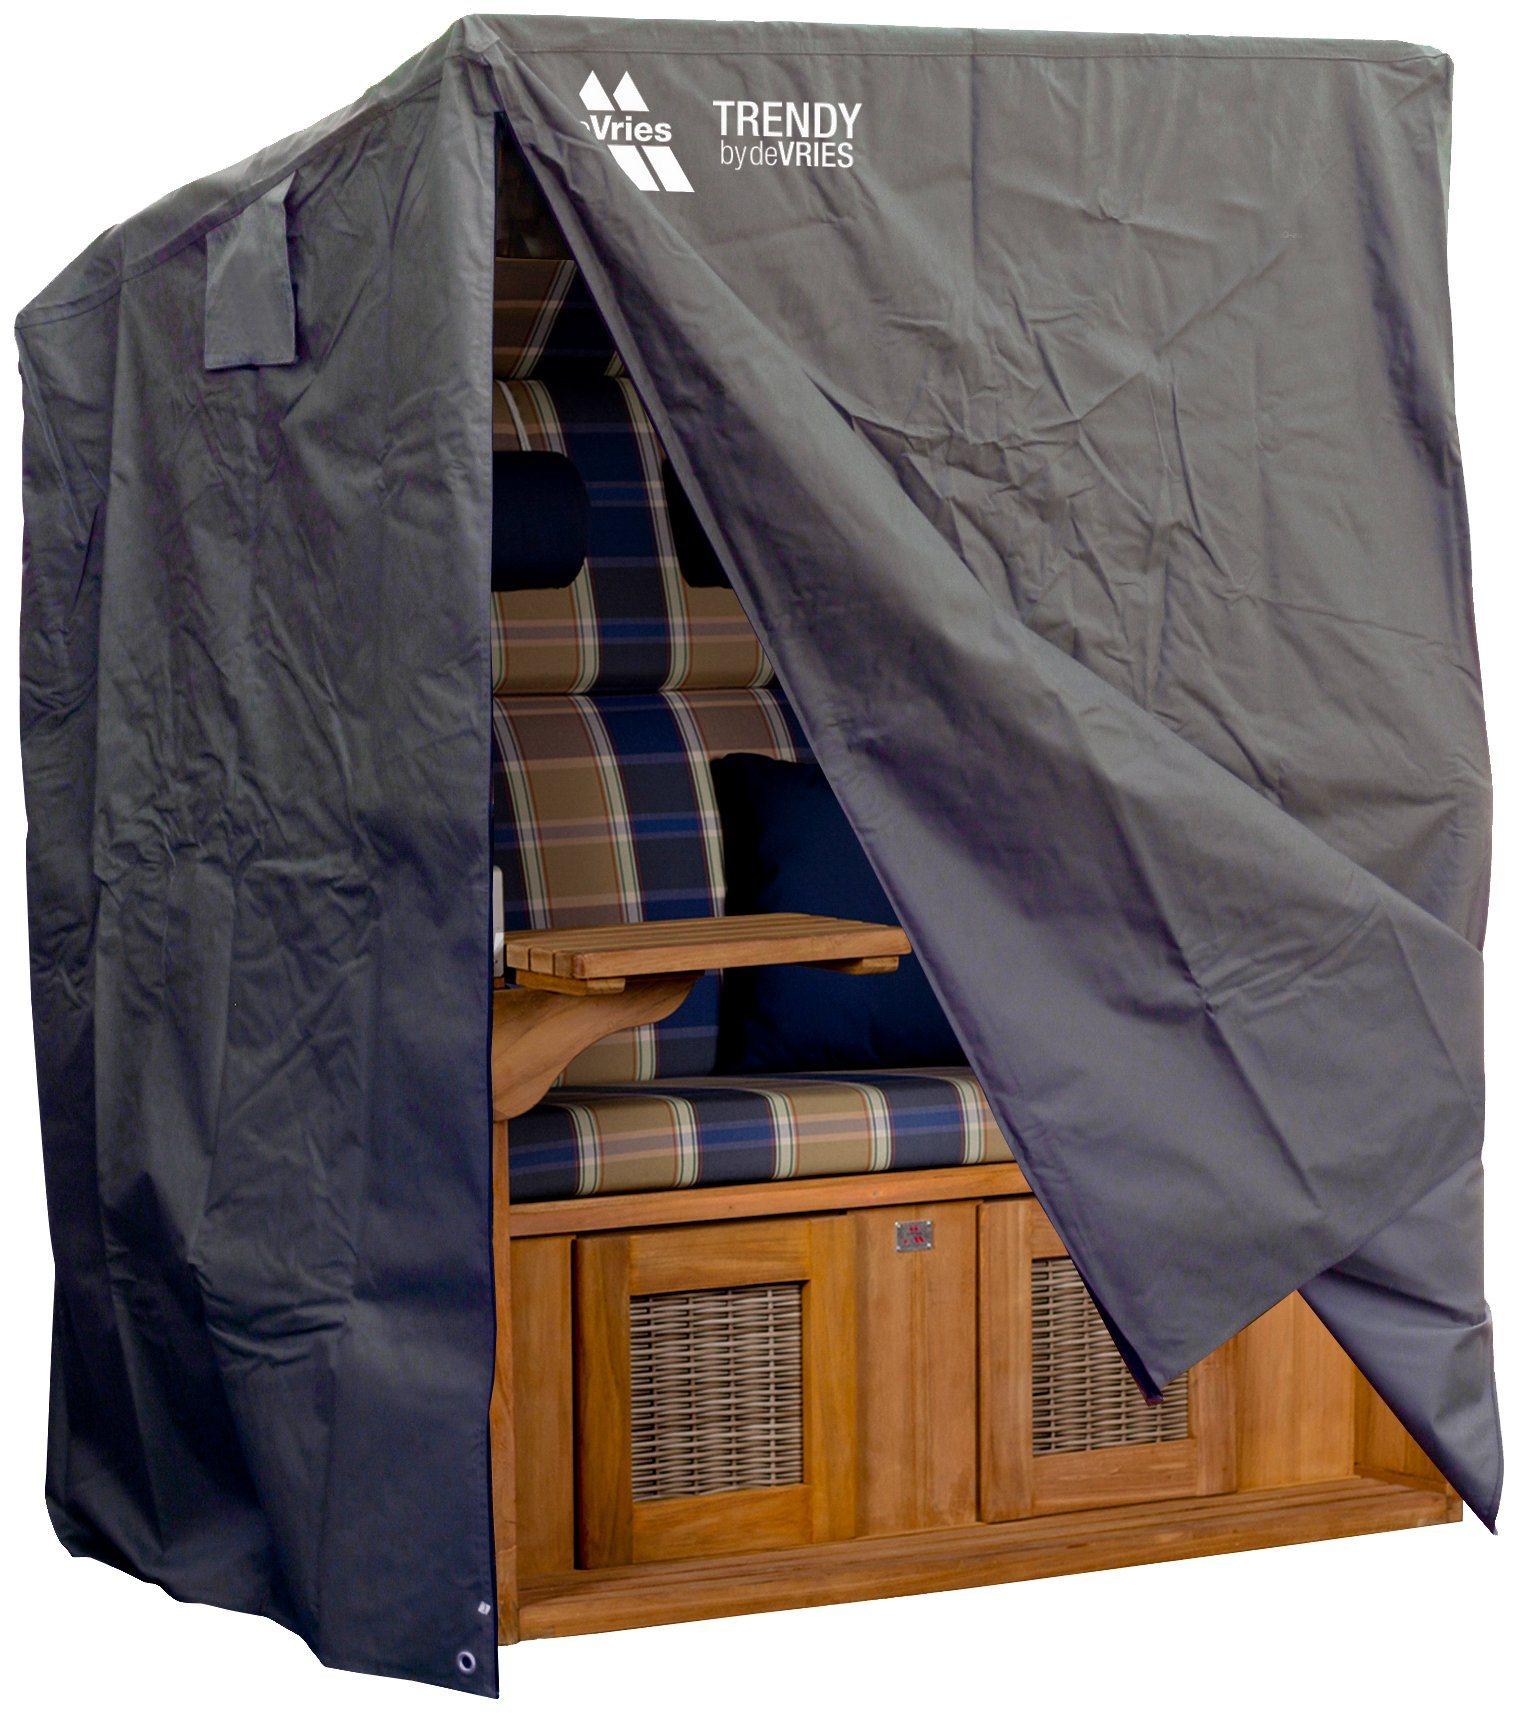 schutzh lle strandkorb winterfest preisvergleich die besten angebote online kaufen. Black Bedroom Furniture Sets. Home Design Ideas